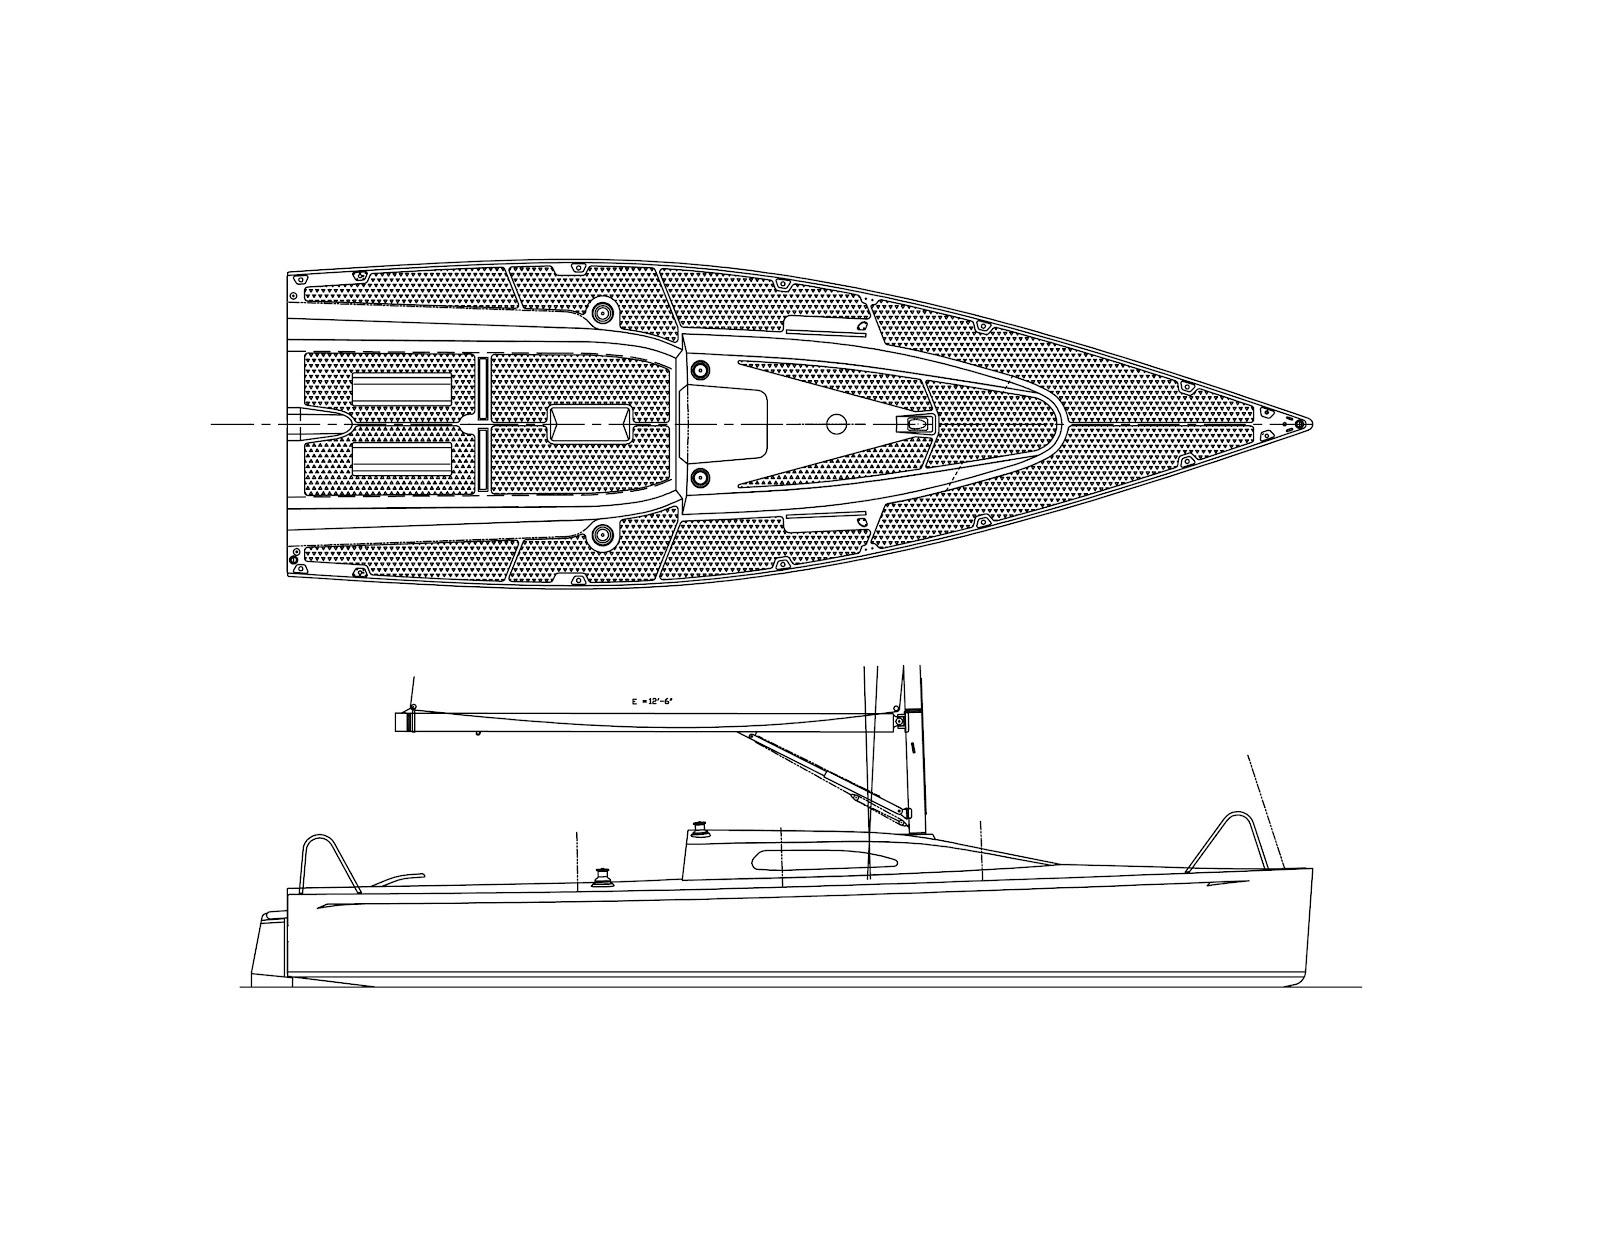 Cruising Boat Designs Left Coast Dart